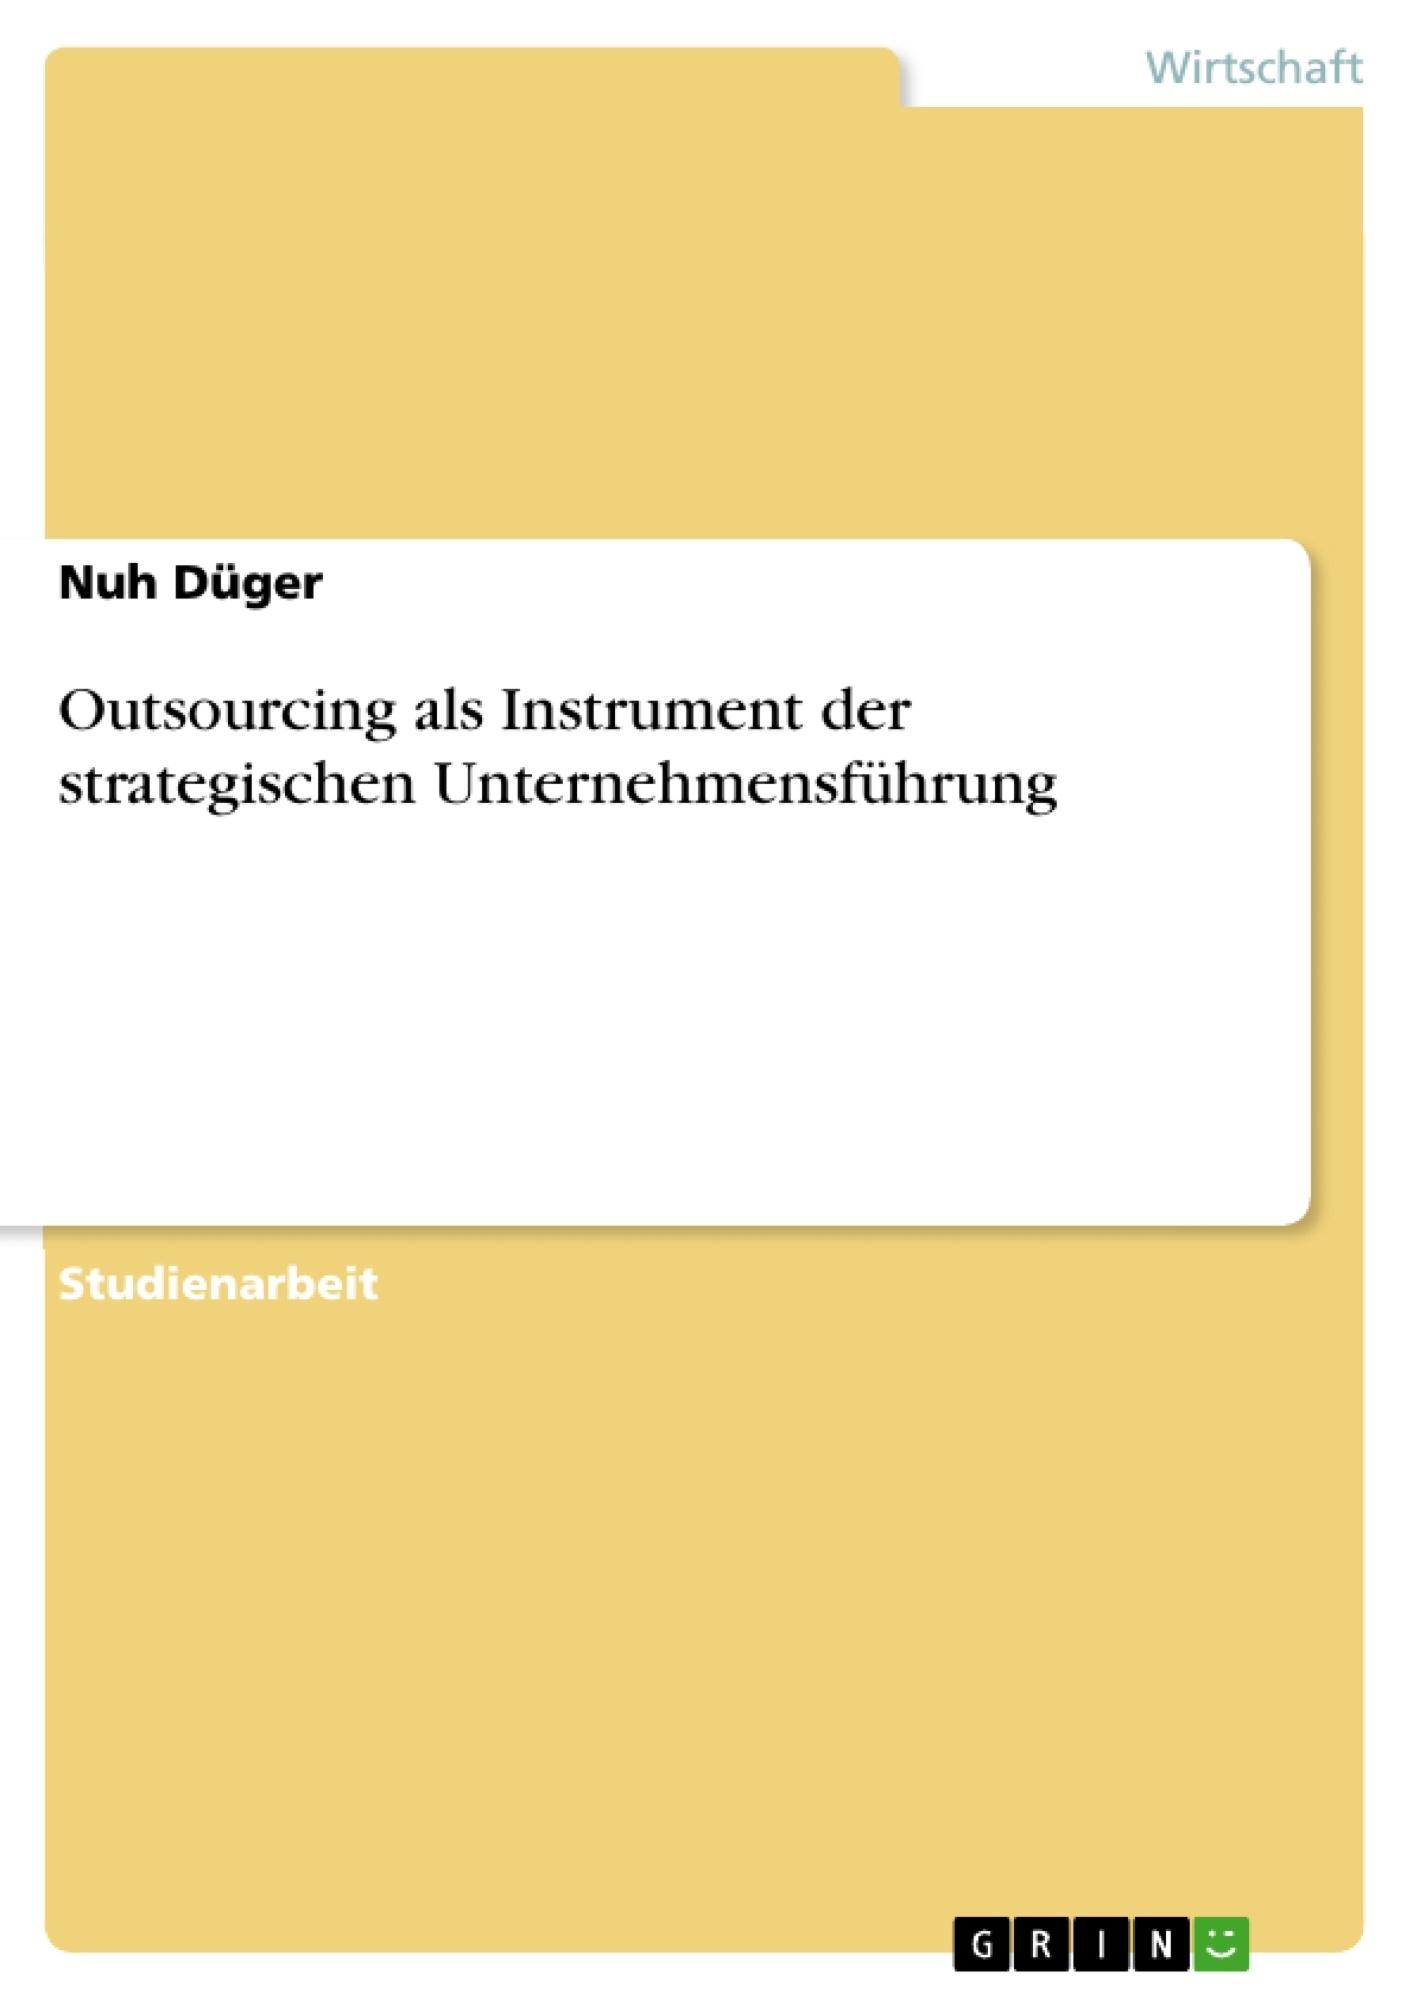 Titel: Outsourcing als Instrument der strategischen Unternehmensführung